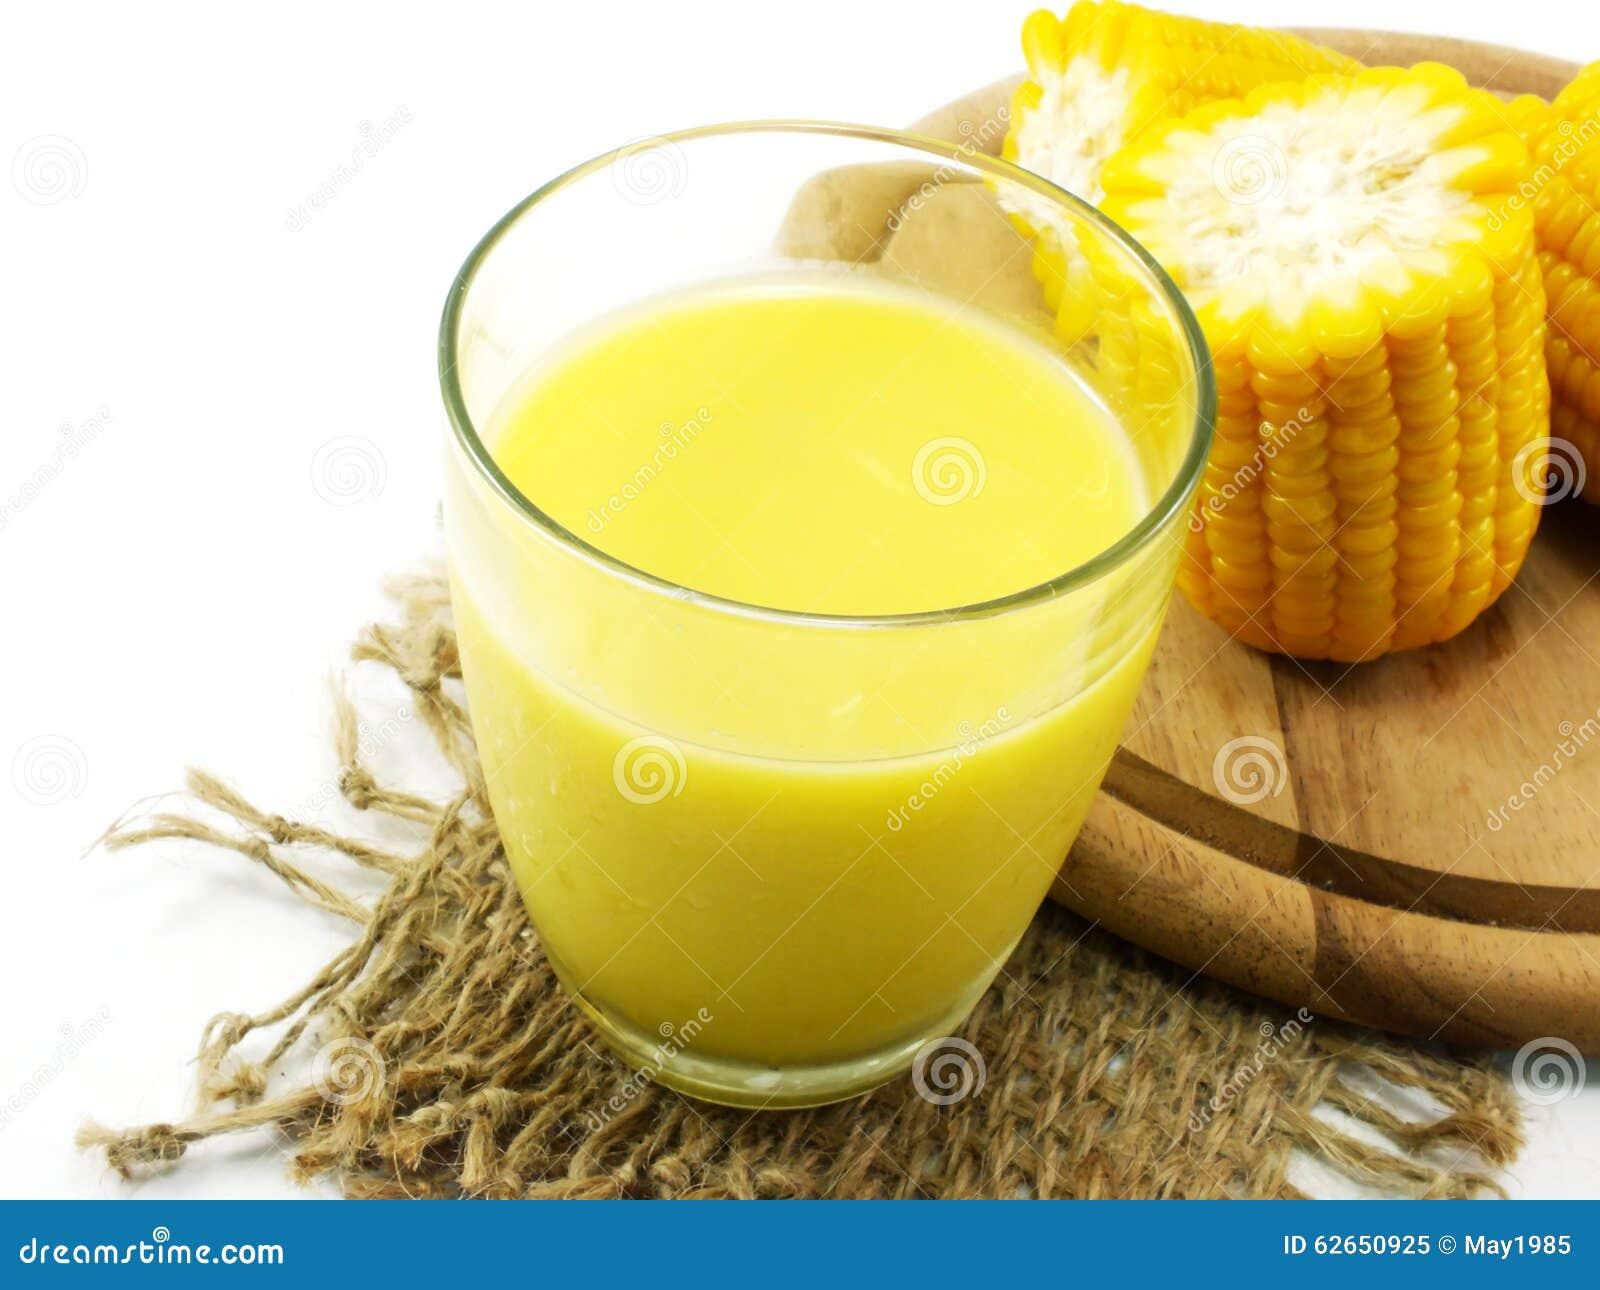 甜玉米汁玉米牛奶